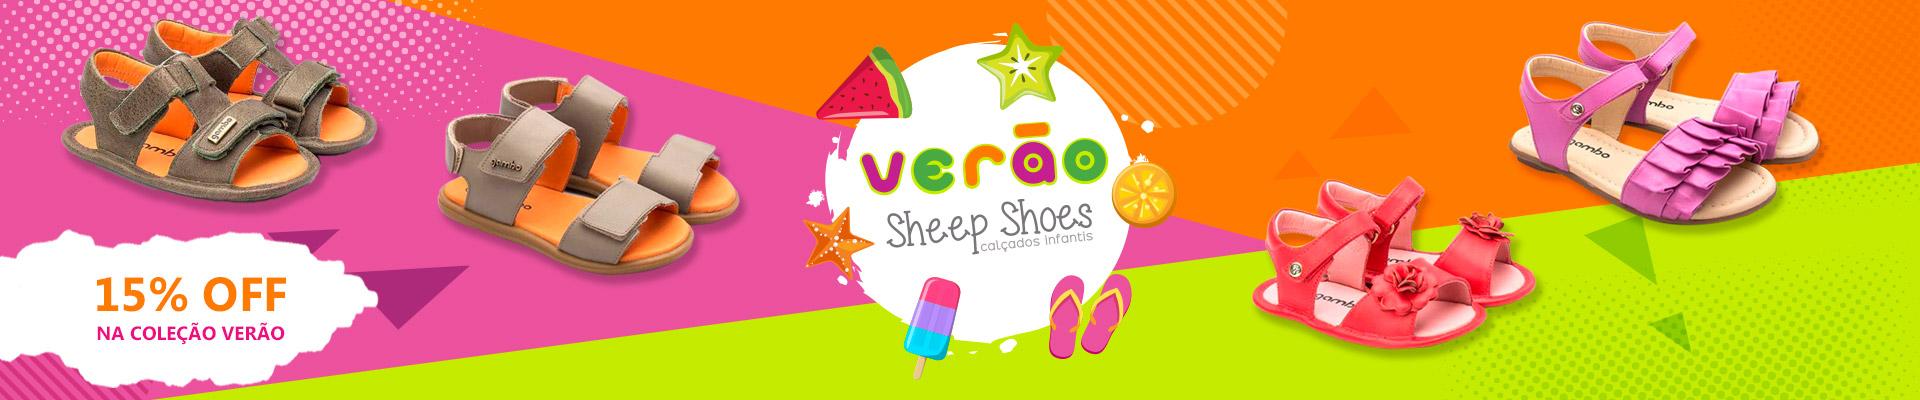 Campanha Verão Sheep Shoes 2019